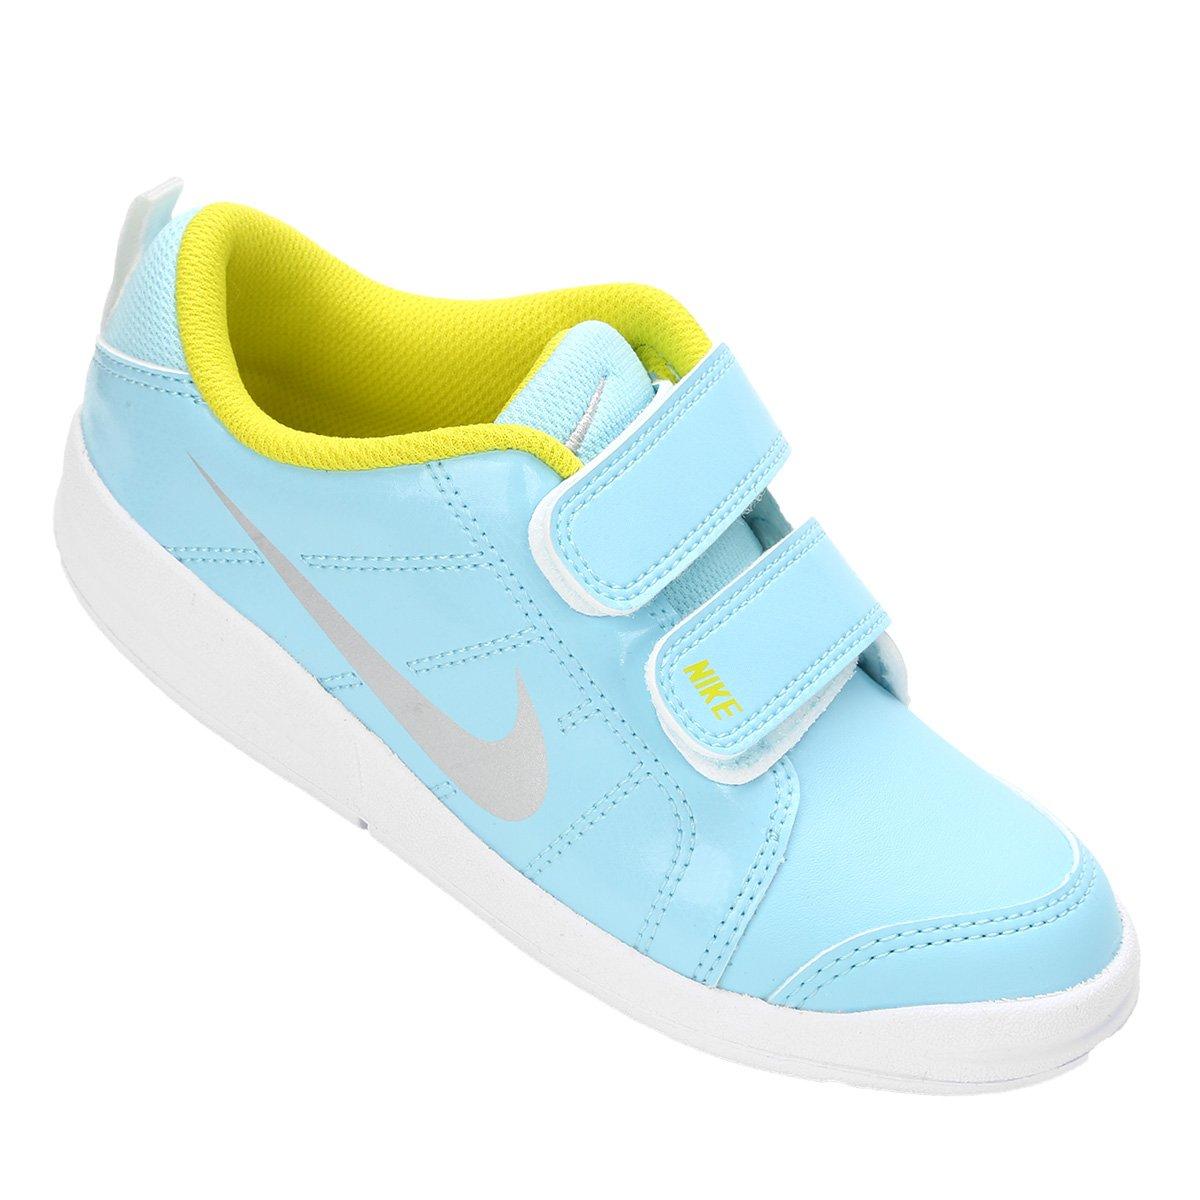 c8745e24cde Tênis Infantil Nike Pico Lt - Azul e Branco - Compre Agora